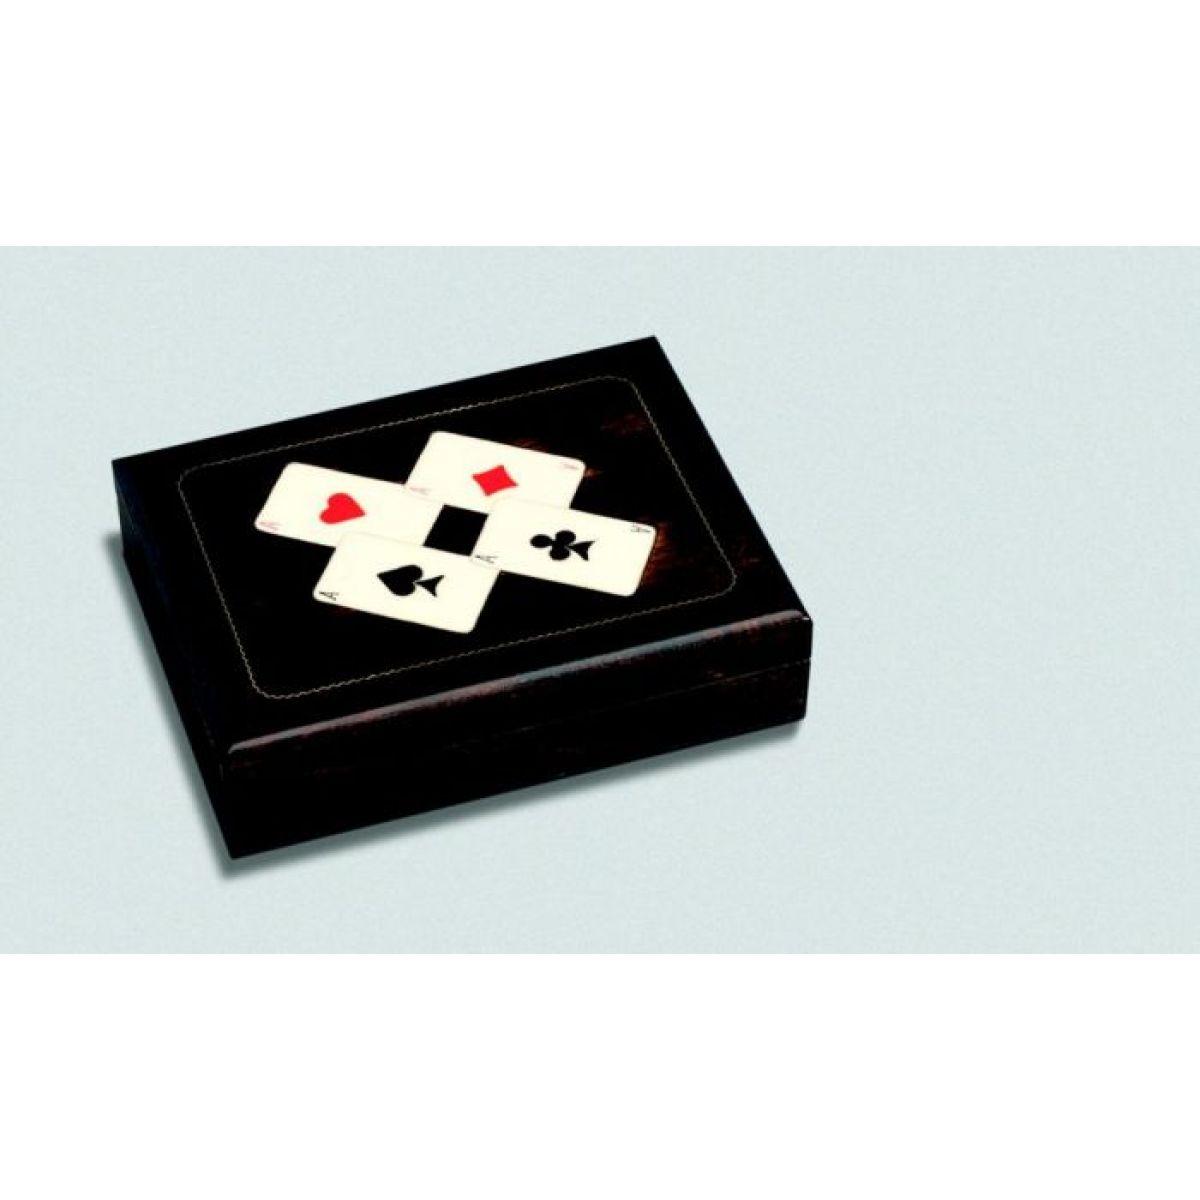 Dřevěná kazeta na karty (bez náplně) Piatnik